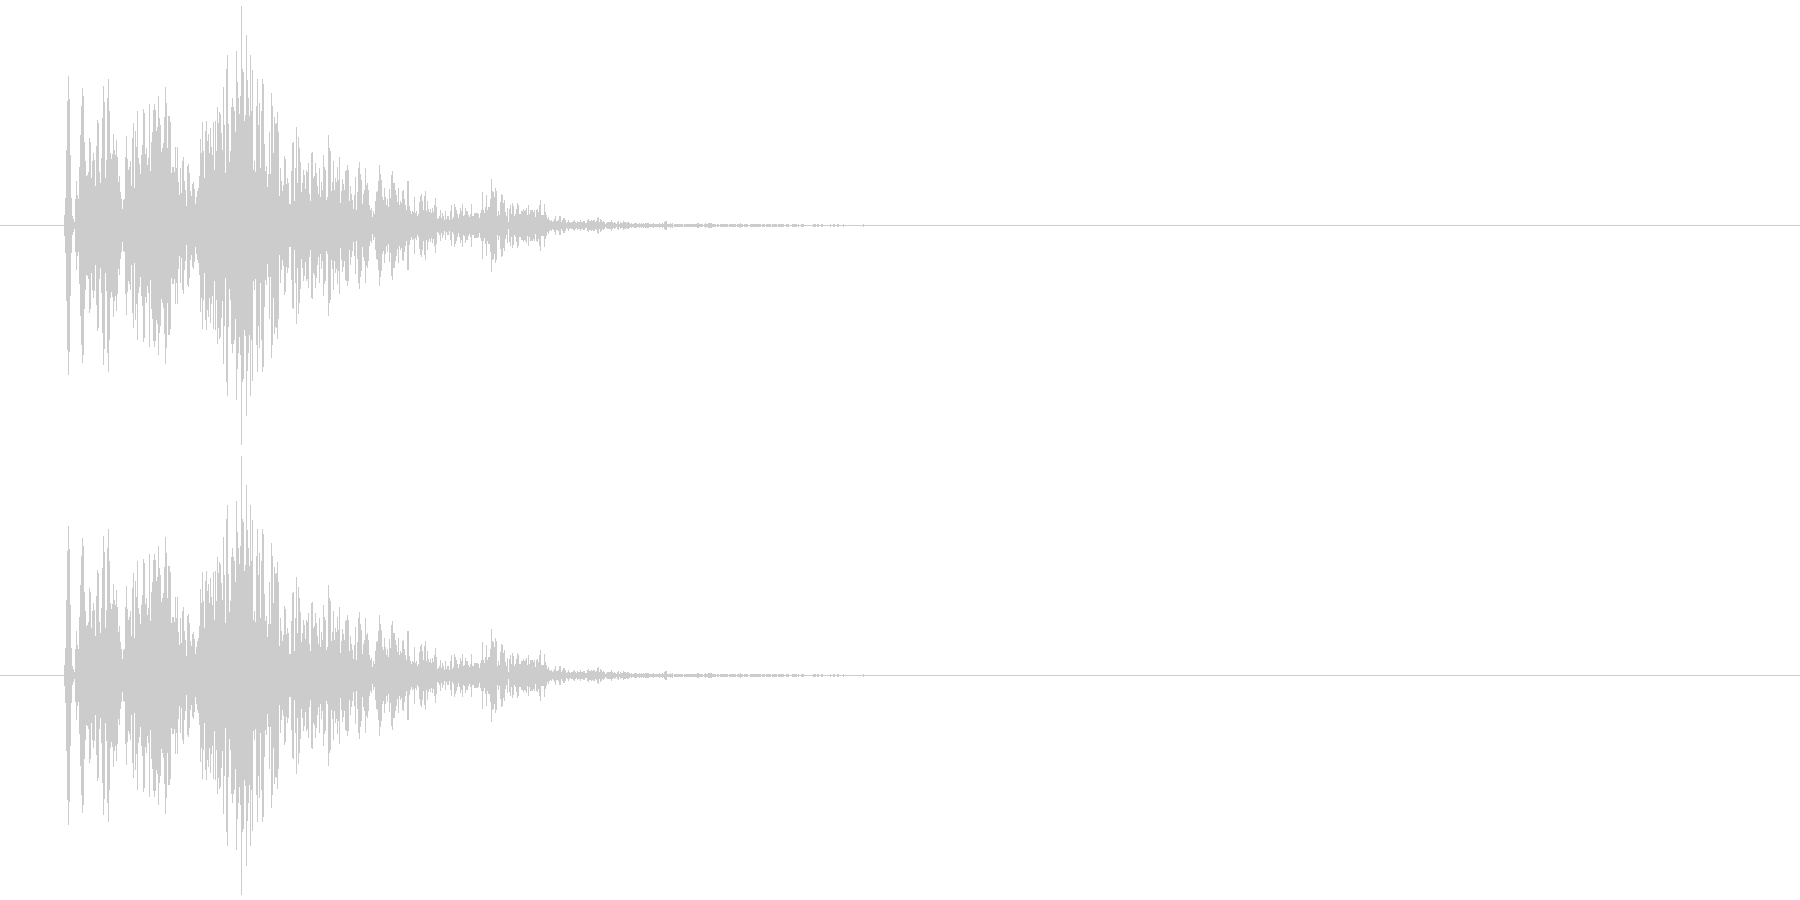 ンギュ(電子音)の未再生の波形